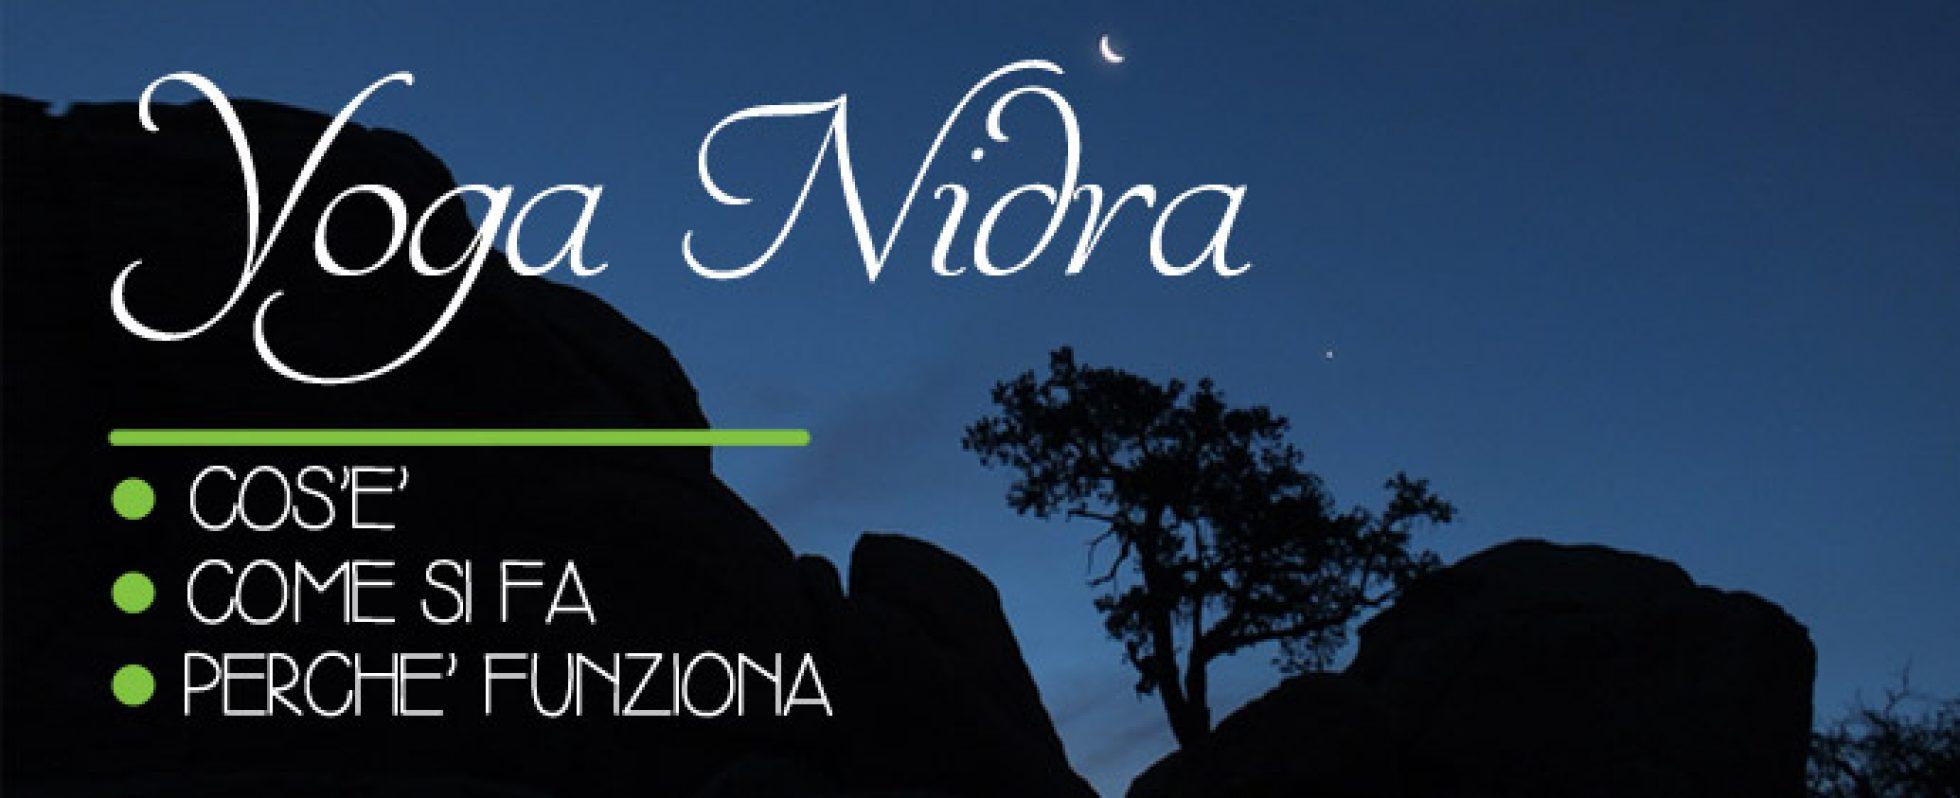 Preferenza Cos'è lo Yoga Nidra, come si fa e perchè funziona (+video) CS88